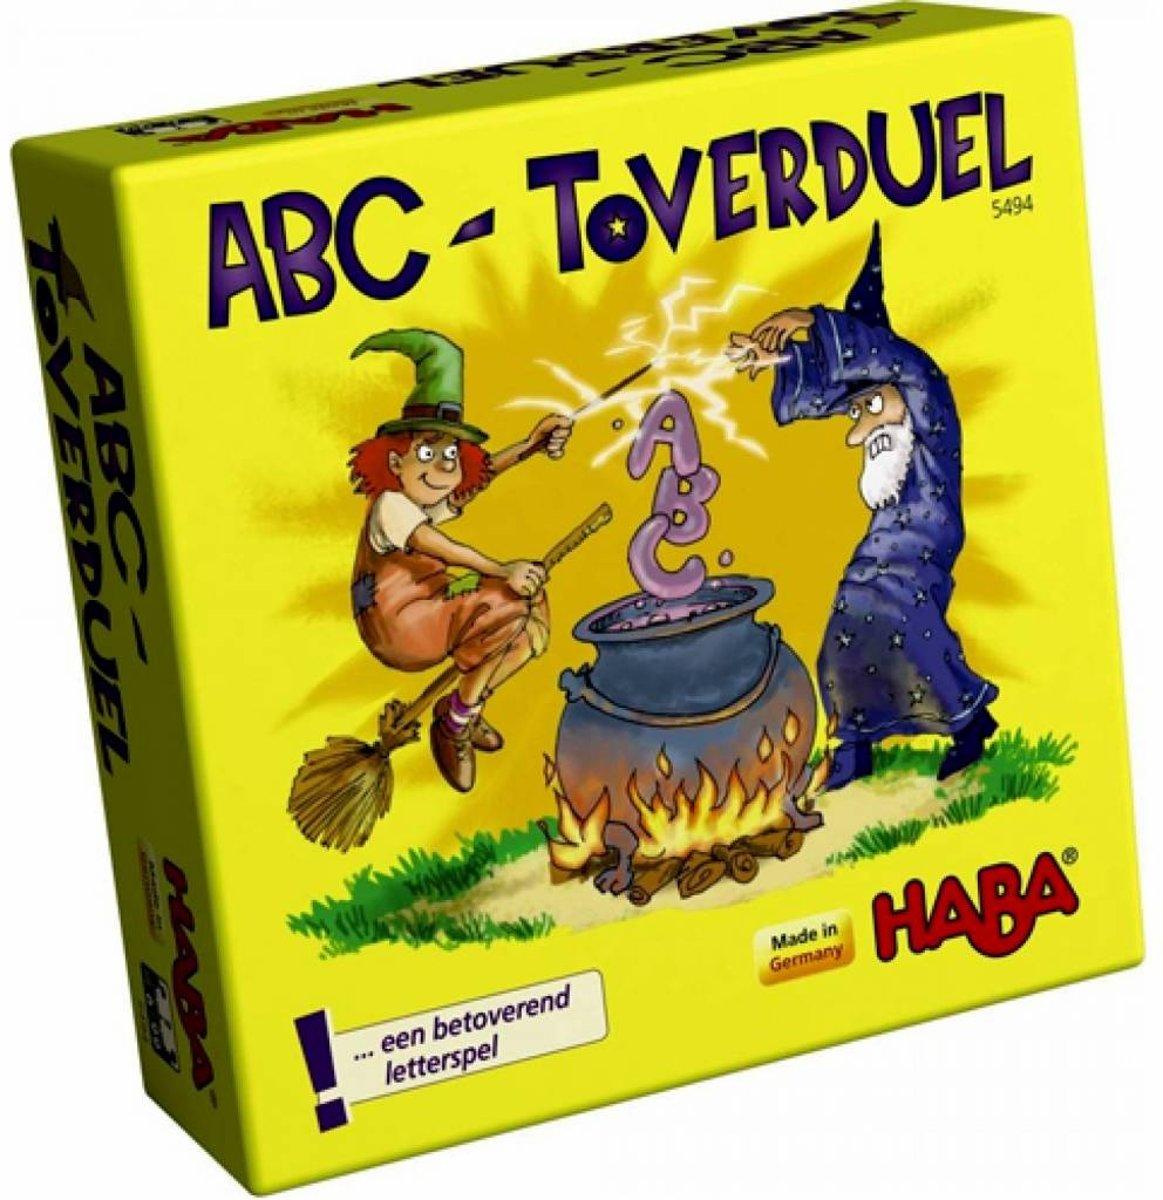 Haba Spel Spelletjes vanaf 6 jaar ABC Toverduel kopen